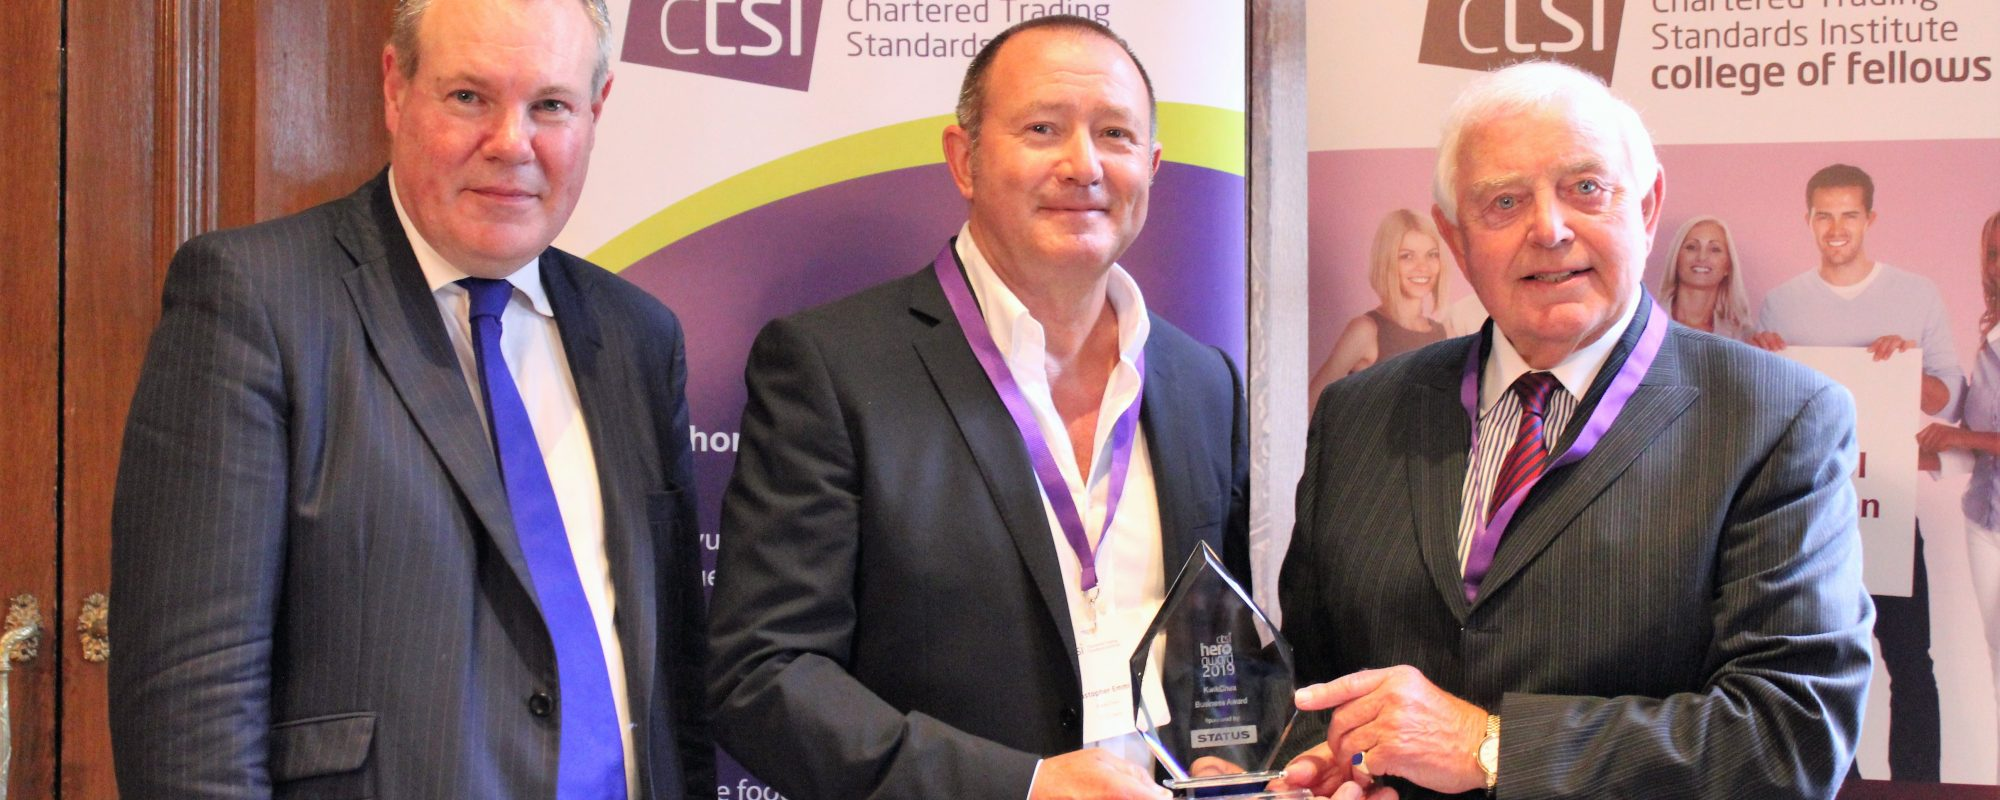 KwikChex receiving CTSI hero award